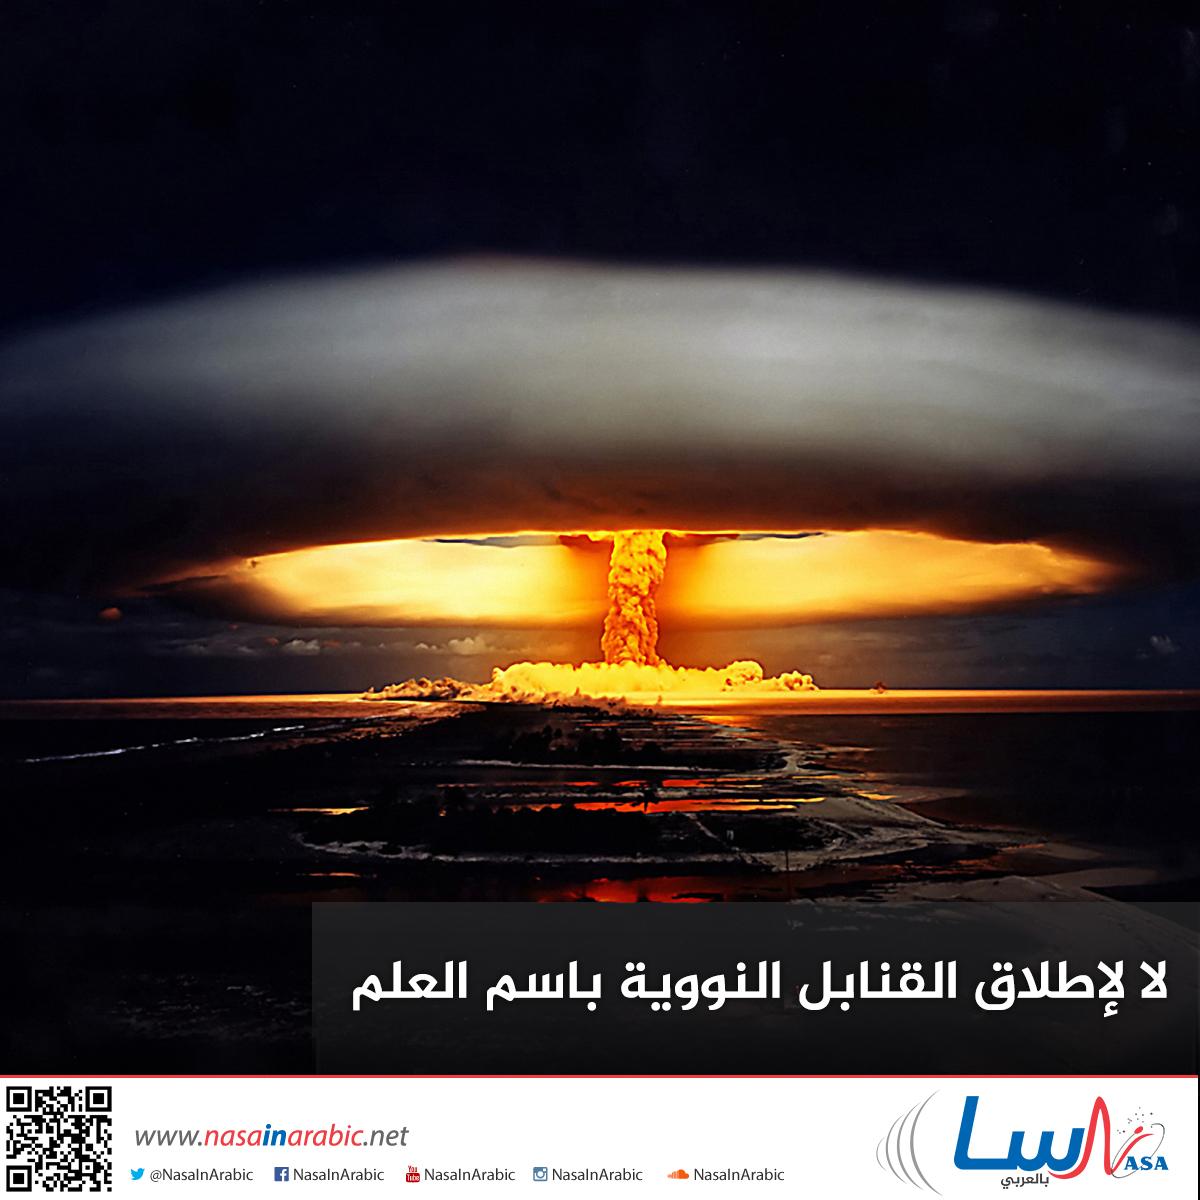 لا لإطلاق القنابل النووية باسم العلم